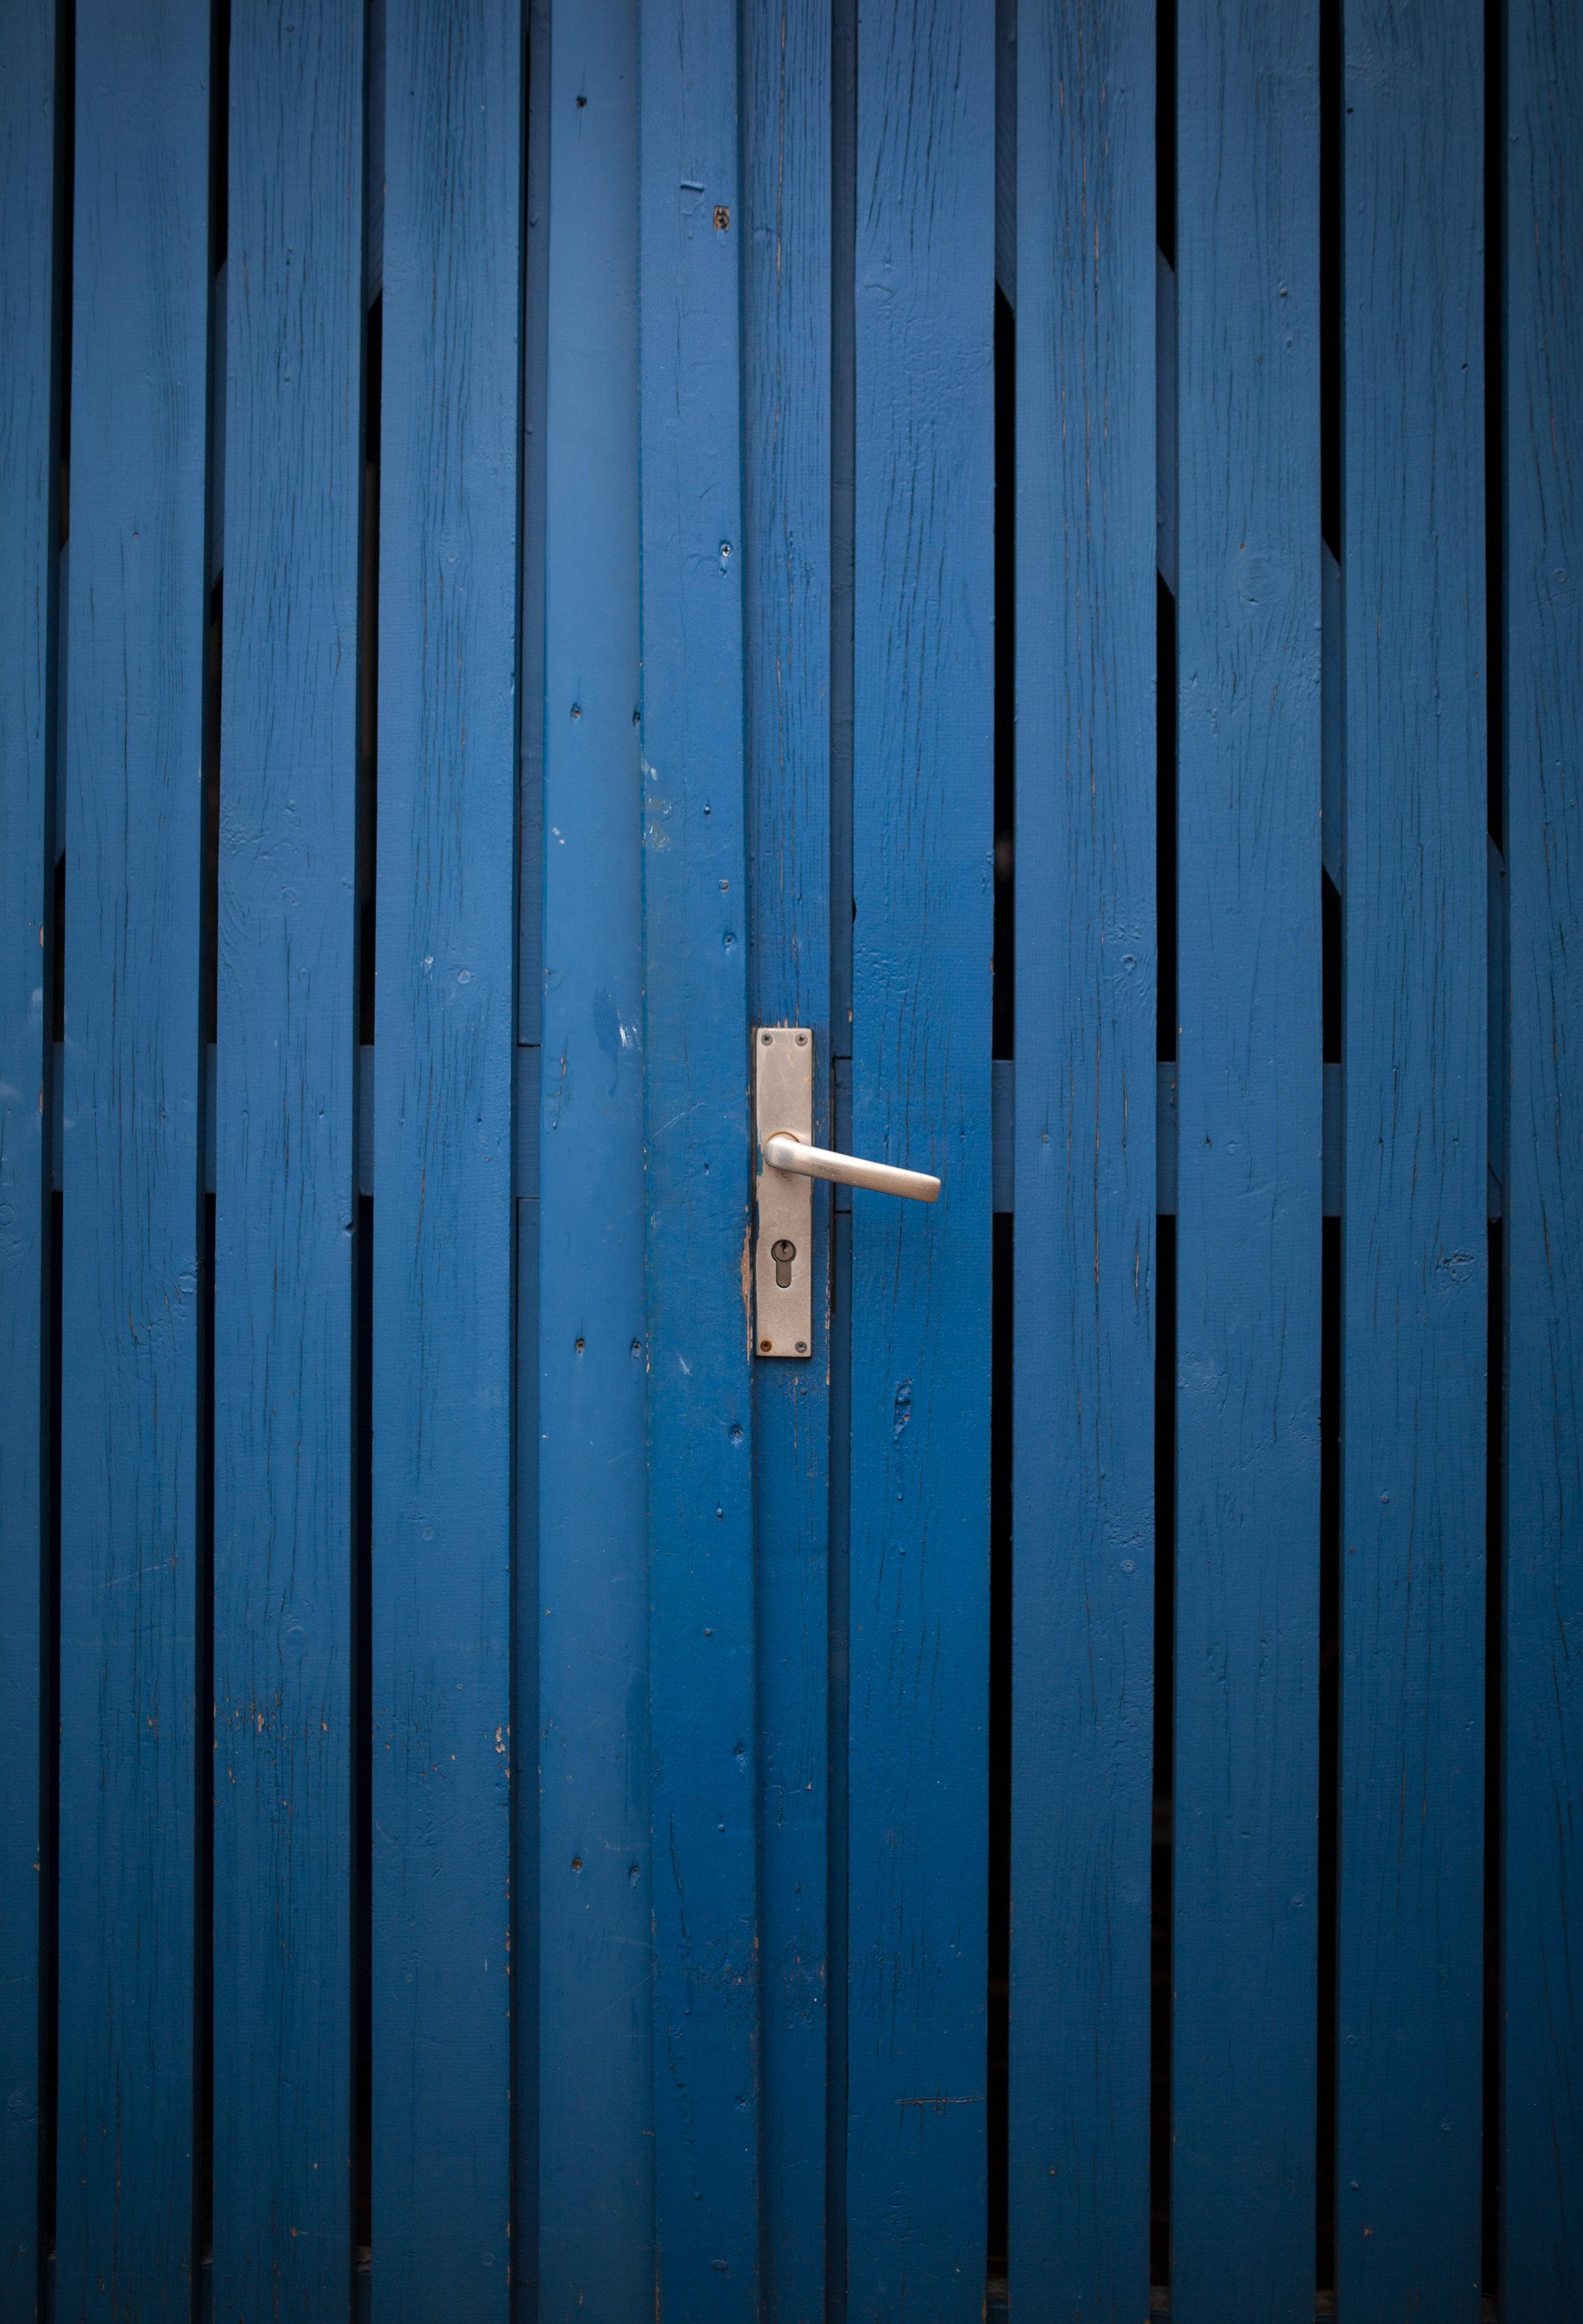 Finde Türen zu geheimnisvollen Orten